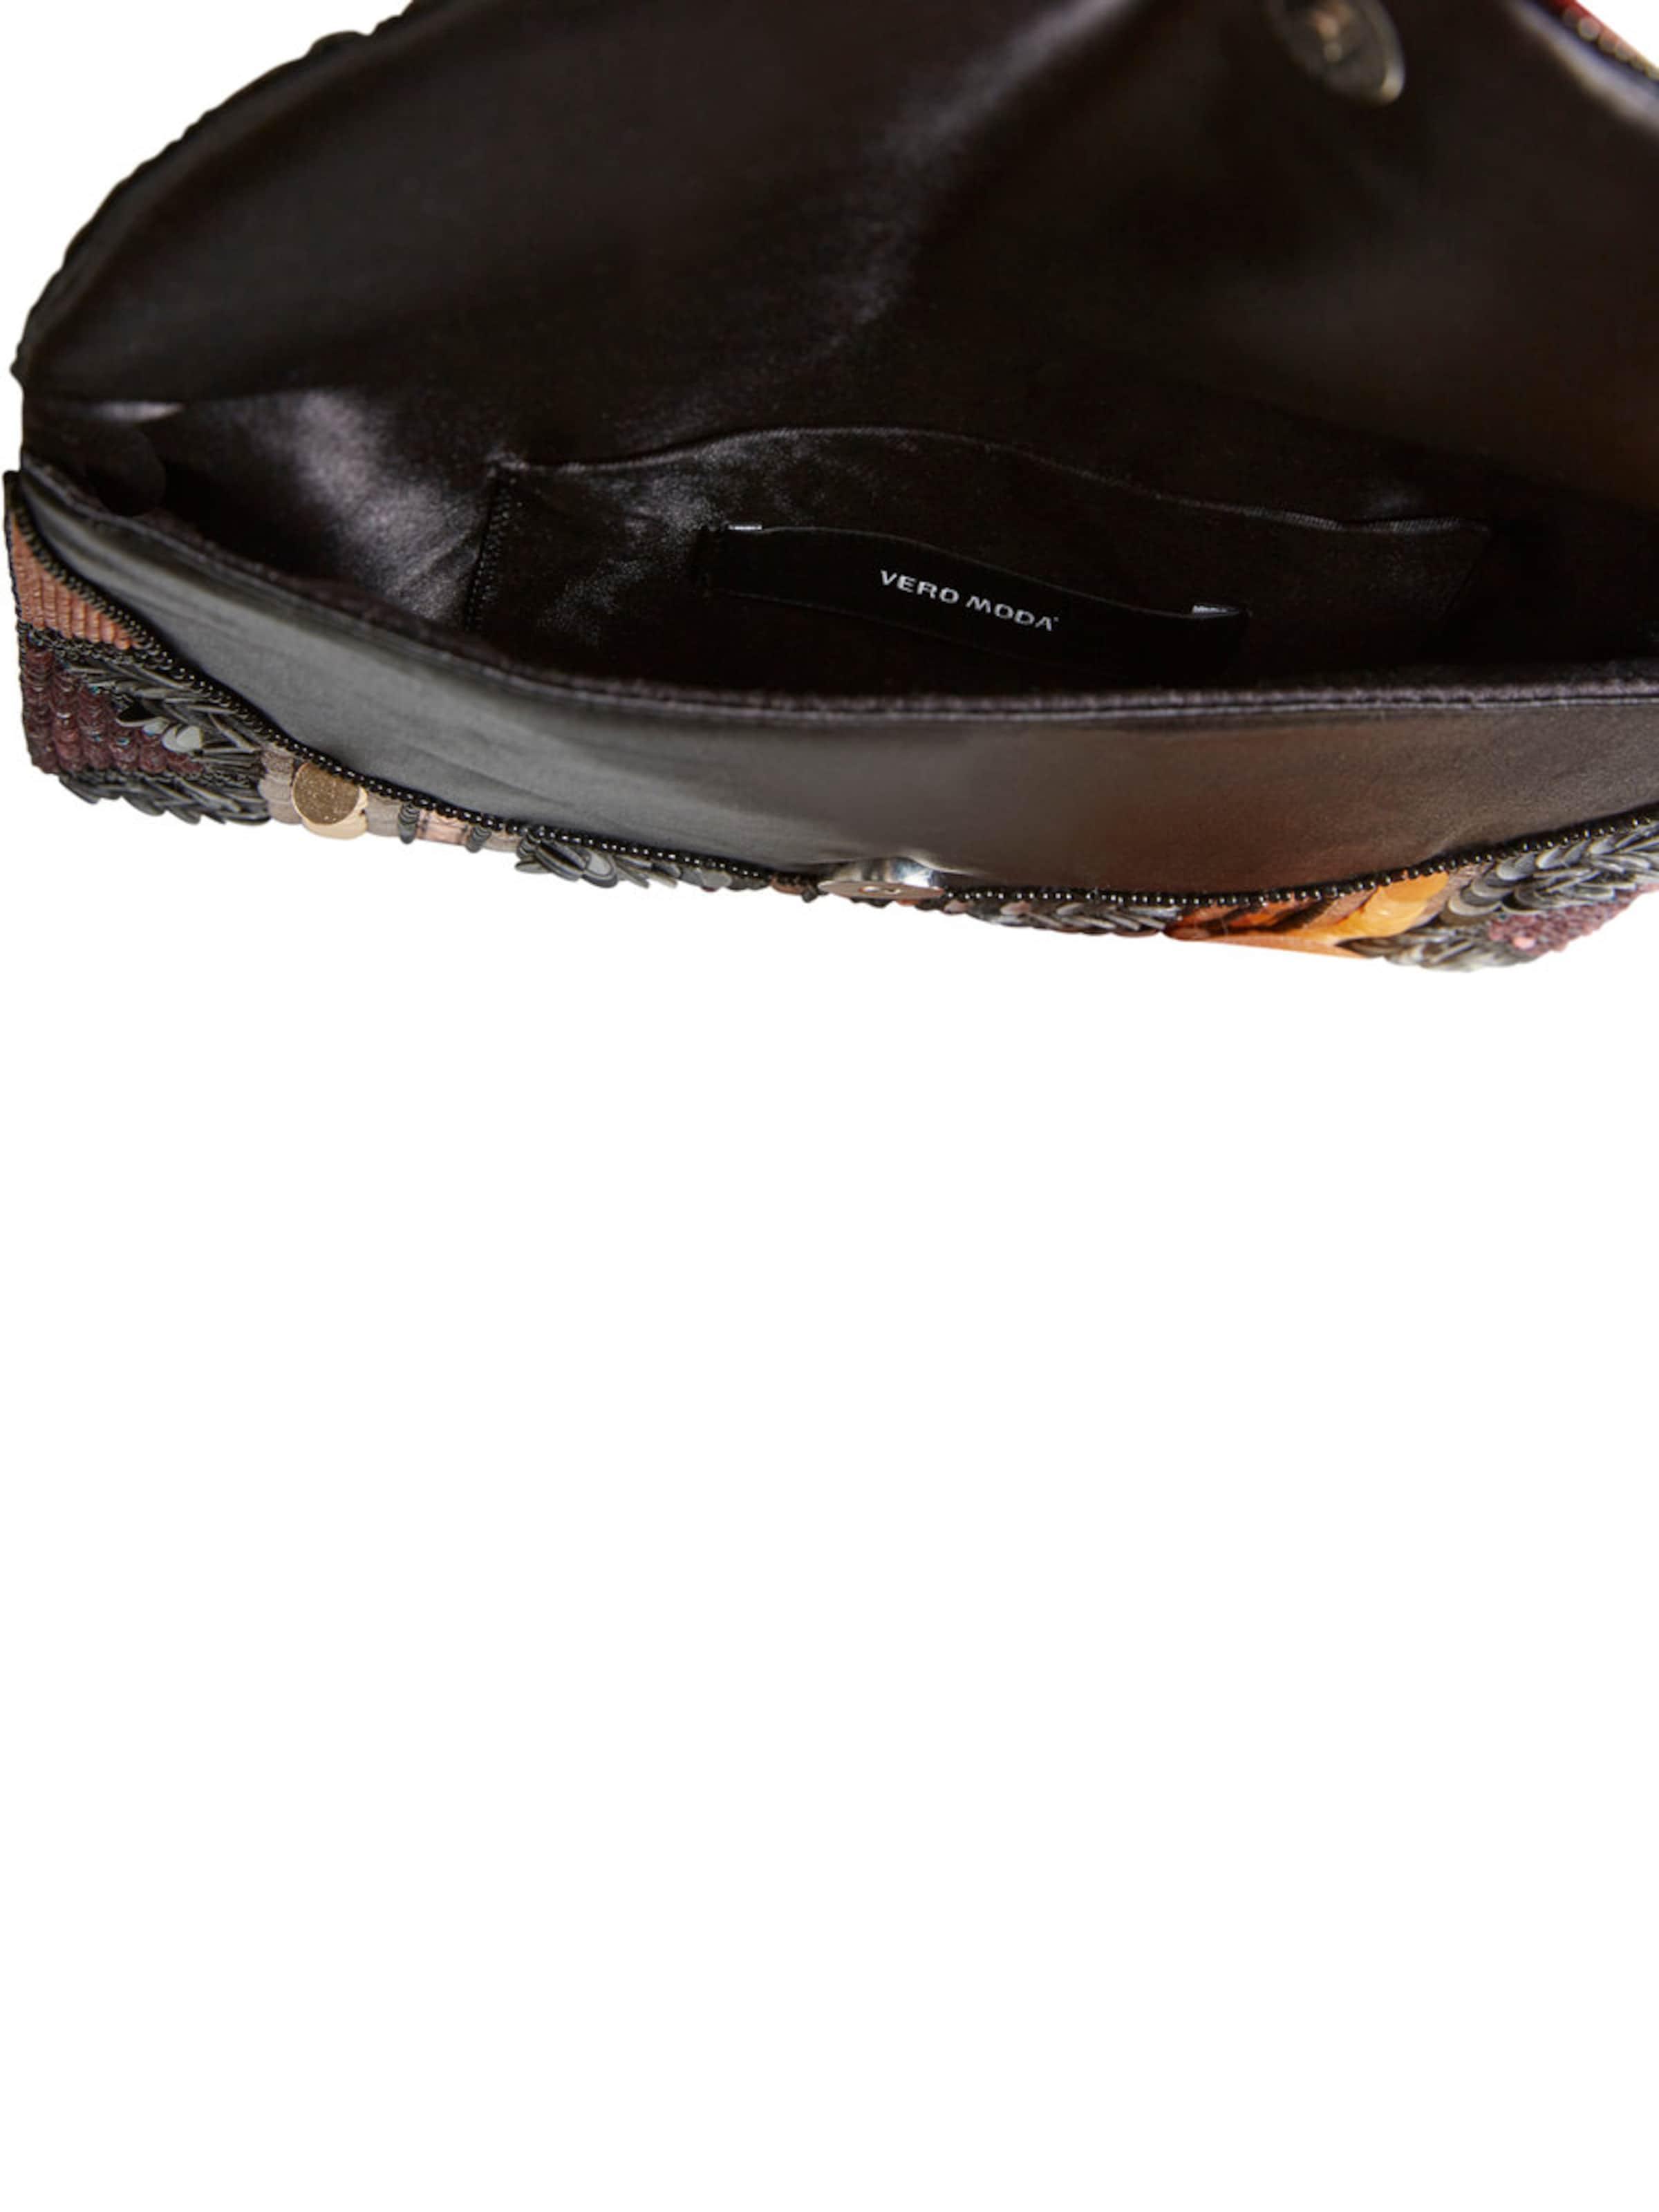 VERO MODA Paillettenverzierte Clutch Billig 2018 Unisex P6jcMeh